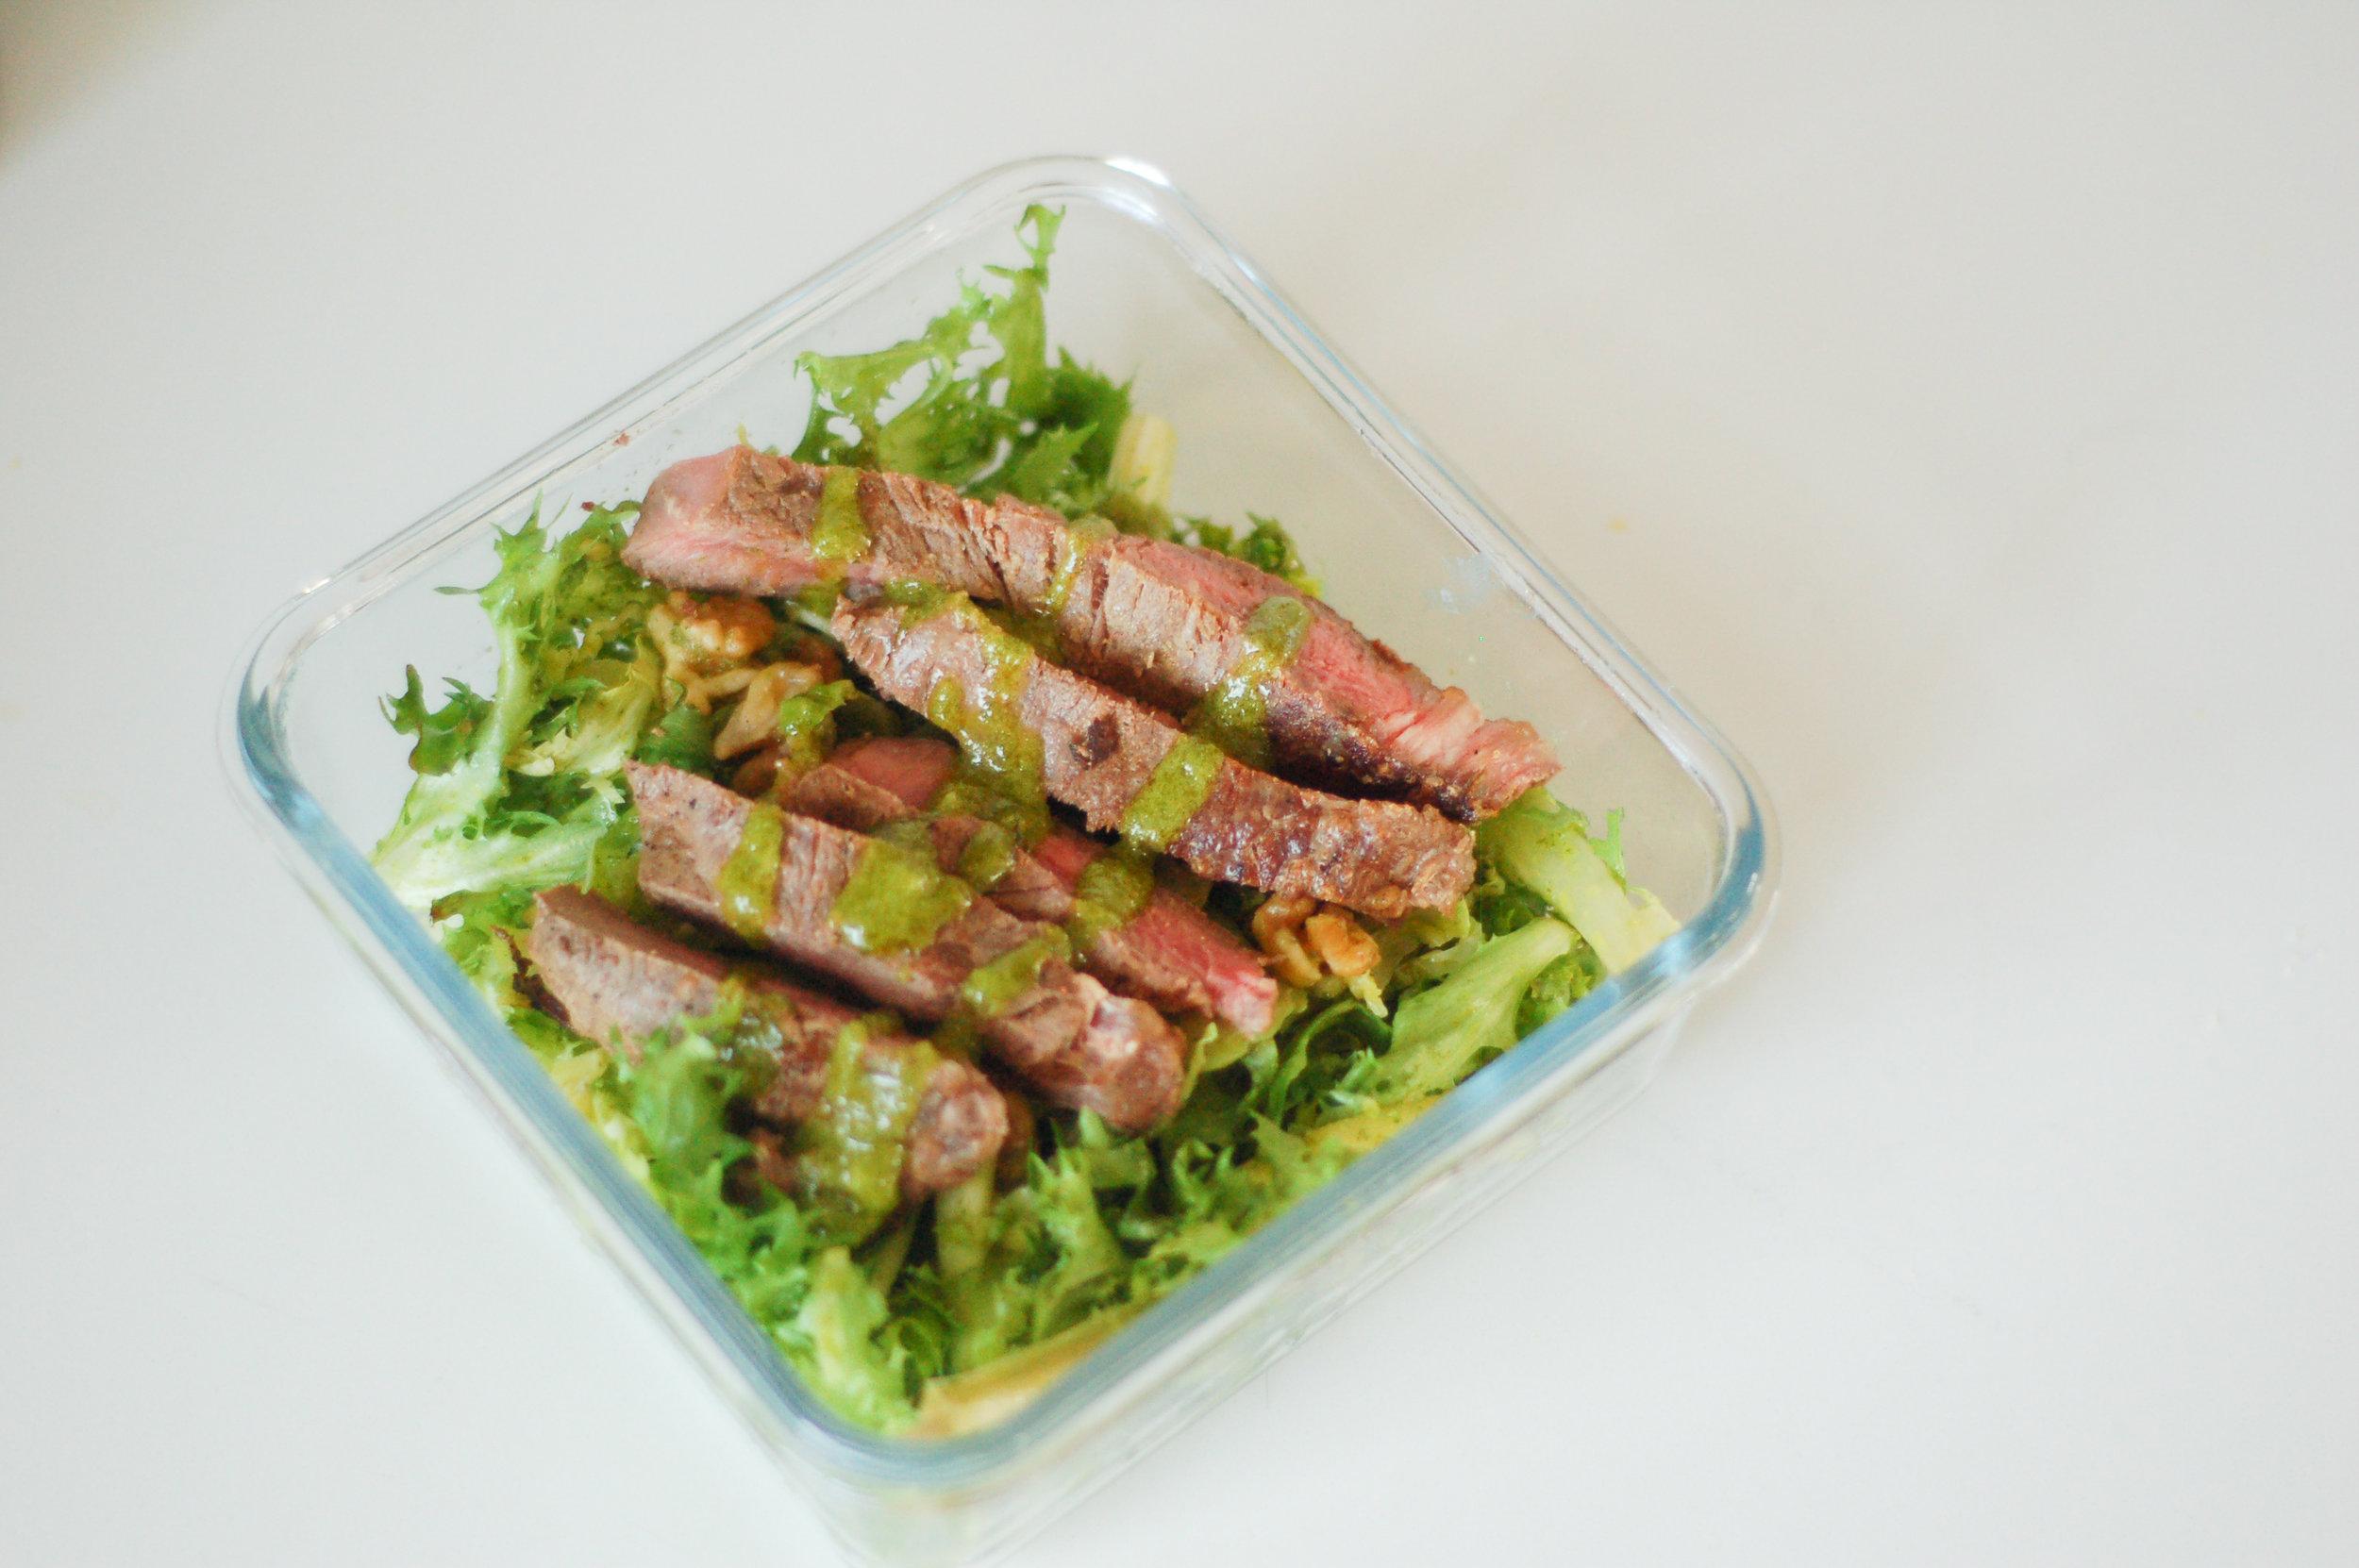 steak salad, chicken salad, endive salad, curly endive salad, green goddess, meal prep,